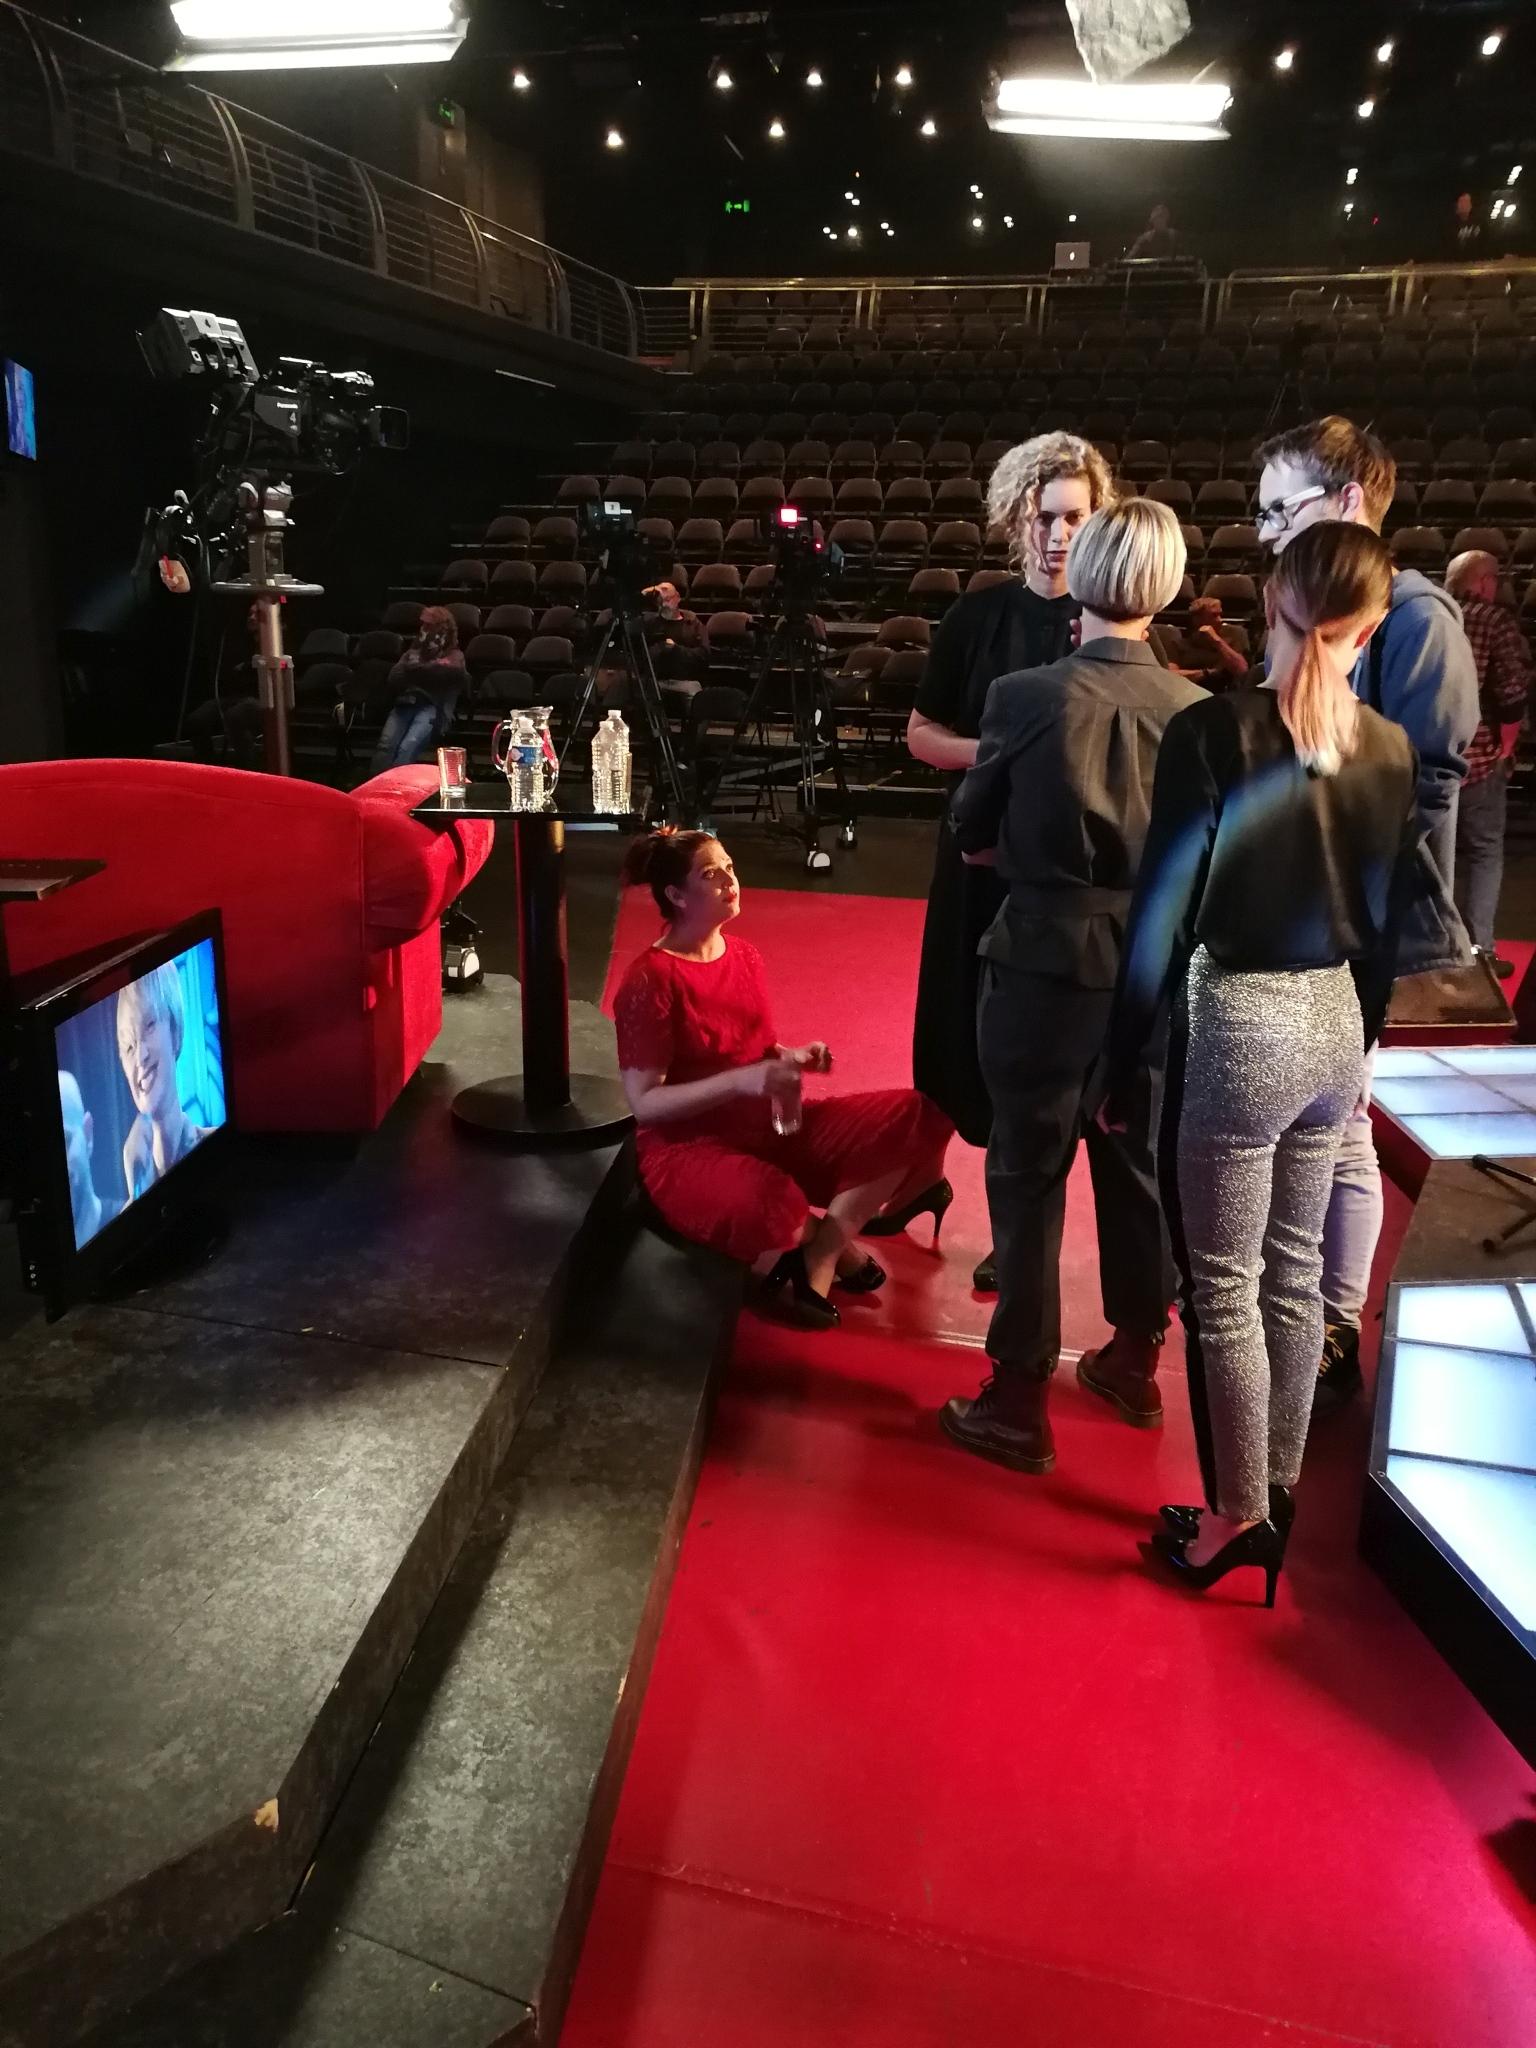 Barbora Poláková se svými vokalistkami Martou Kloučkovou, Kateřinou Bohatovou a Kateřinou Sedlákovou při zvukové zkoušce — SJK 3. 10. 2018